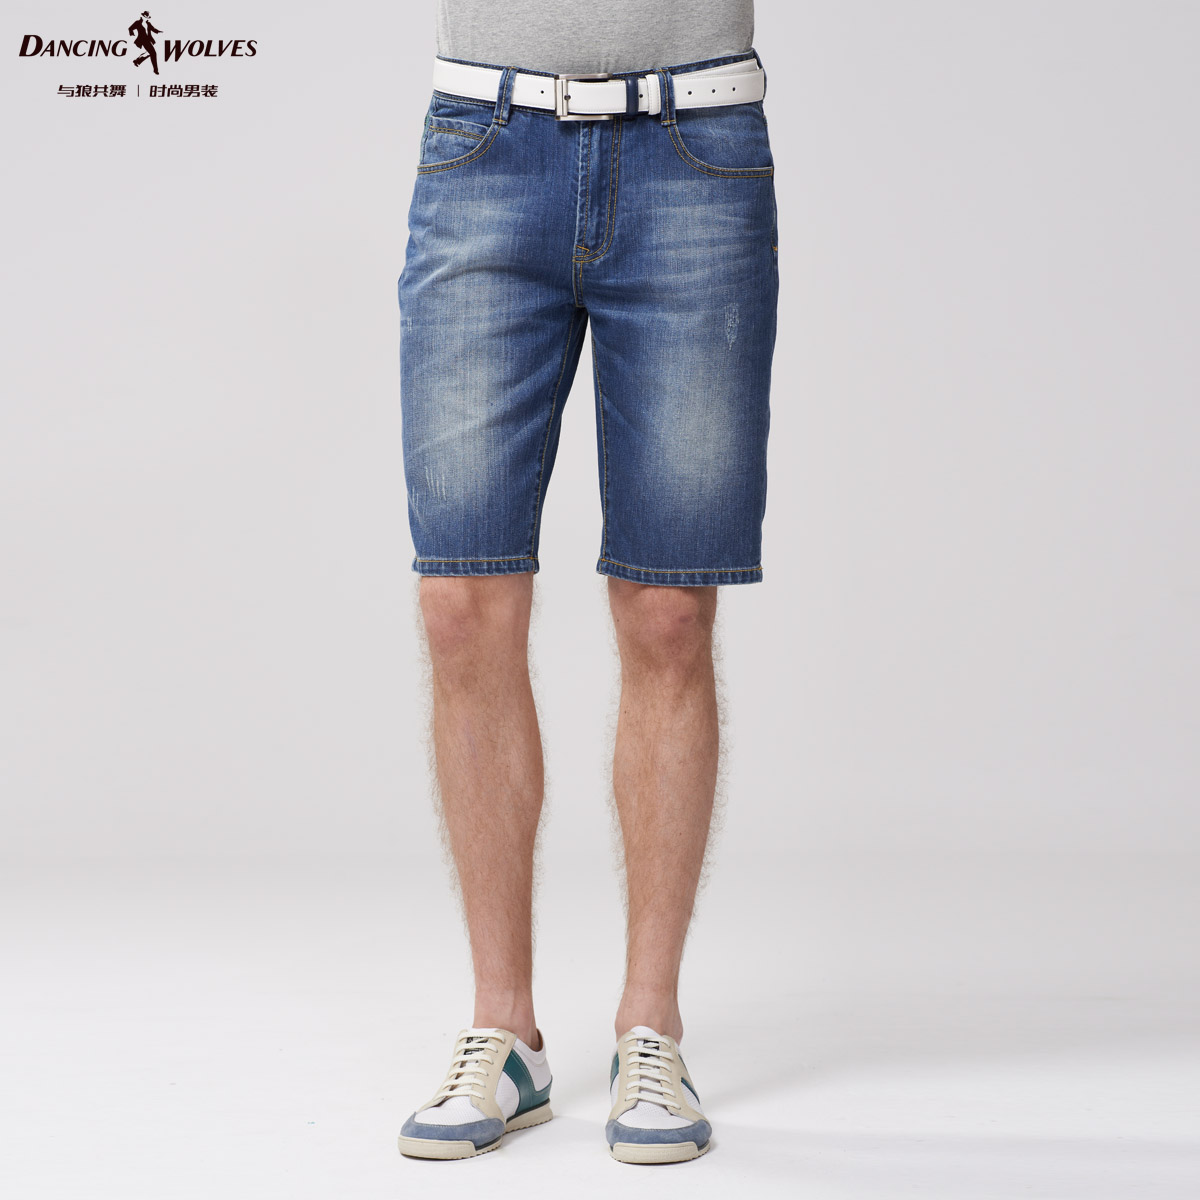 与狼共舞2014夏装新款男士时尚纯棉水洗休闲牛仔短裤989414313